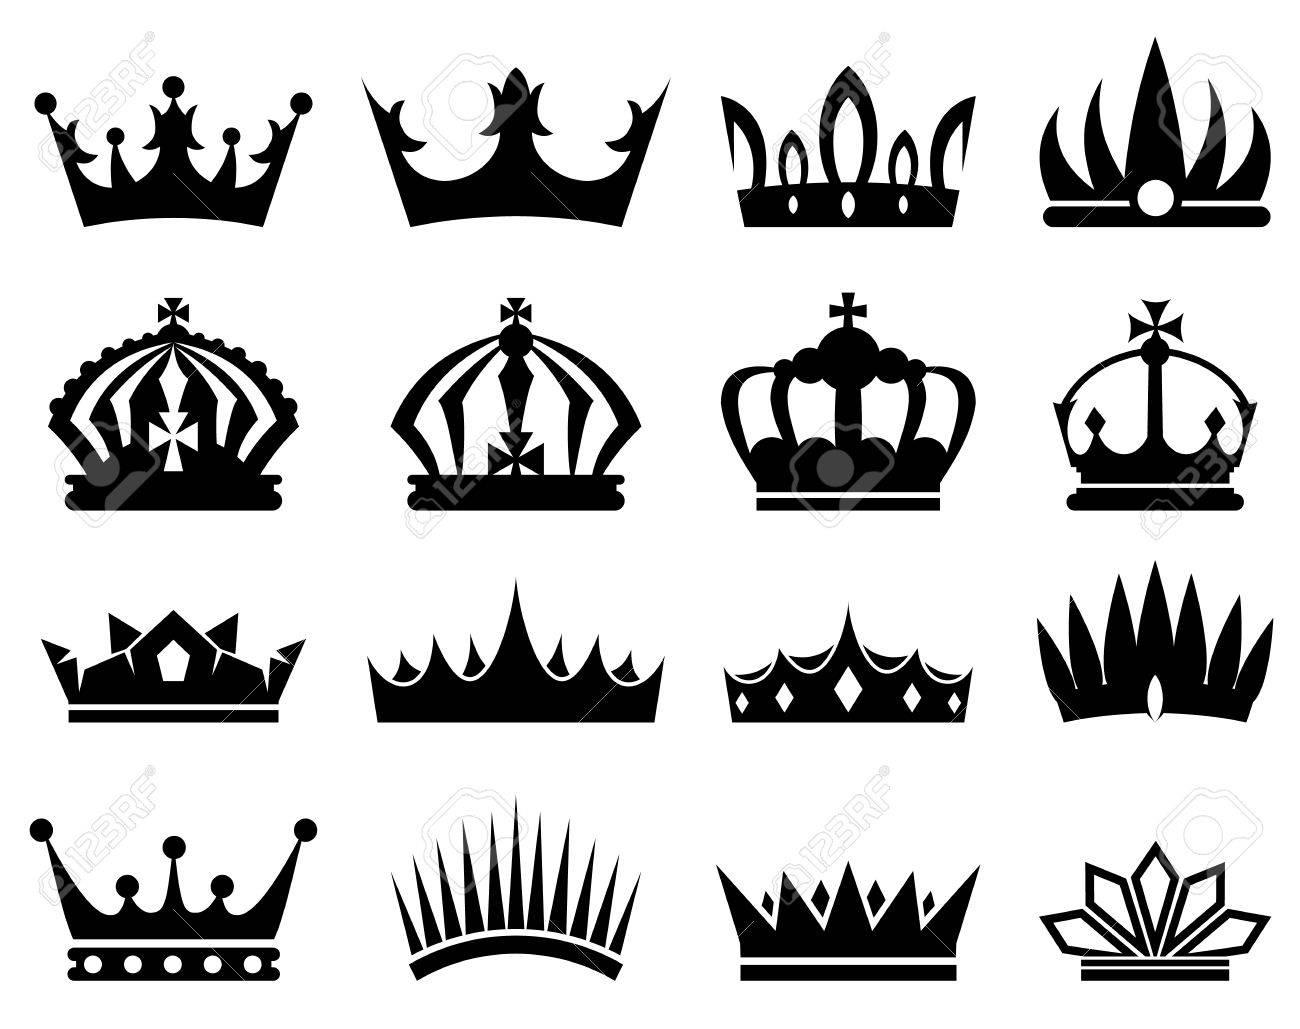 silueta coronas colección de siluetas negras sobre fondo blanco